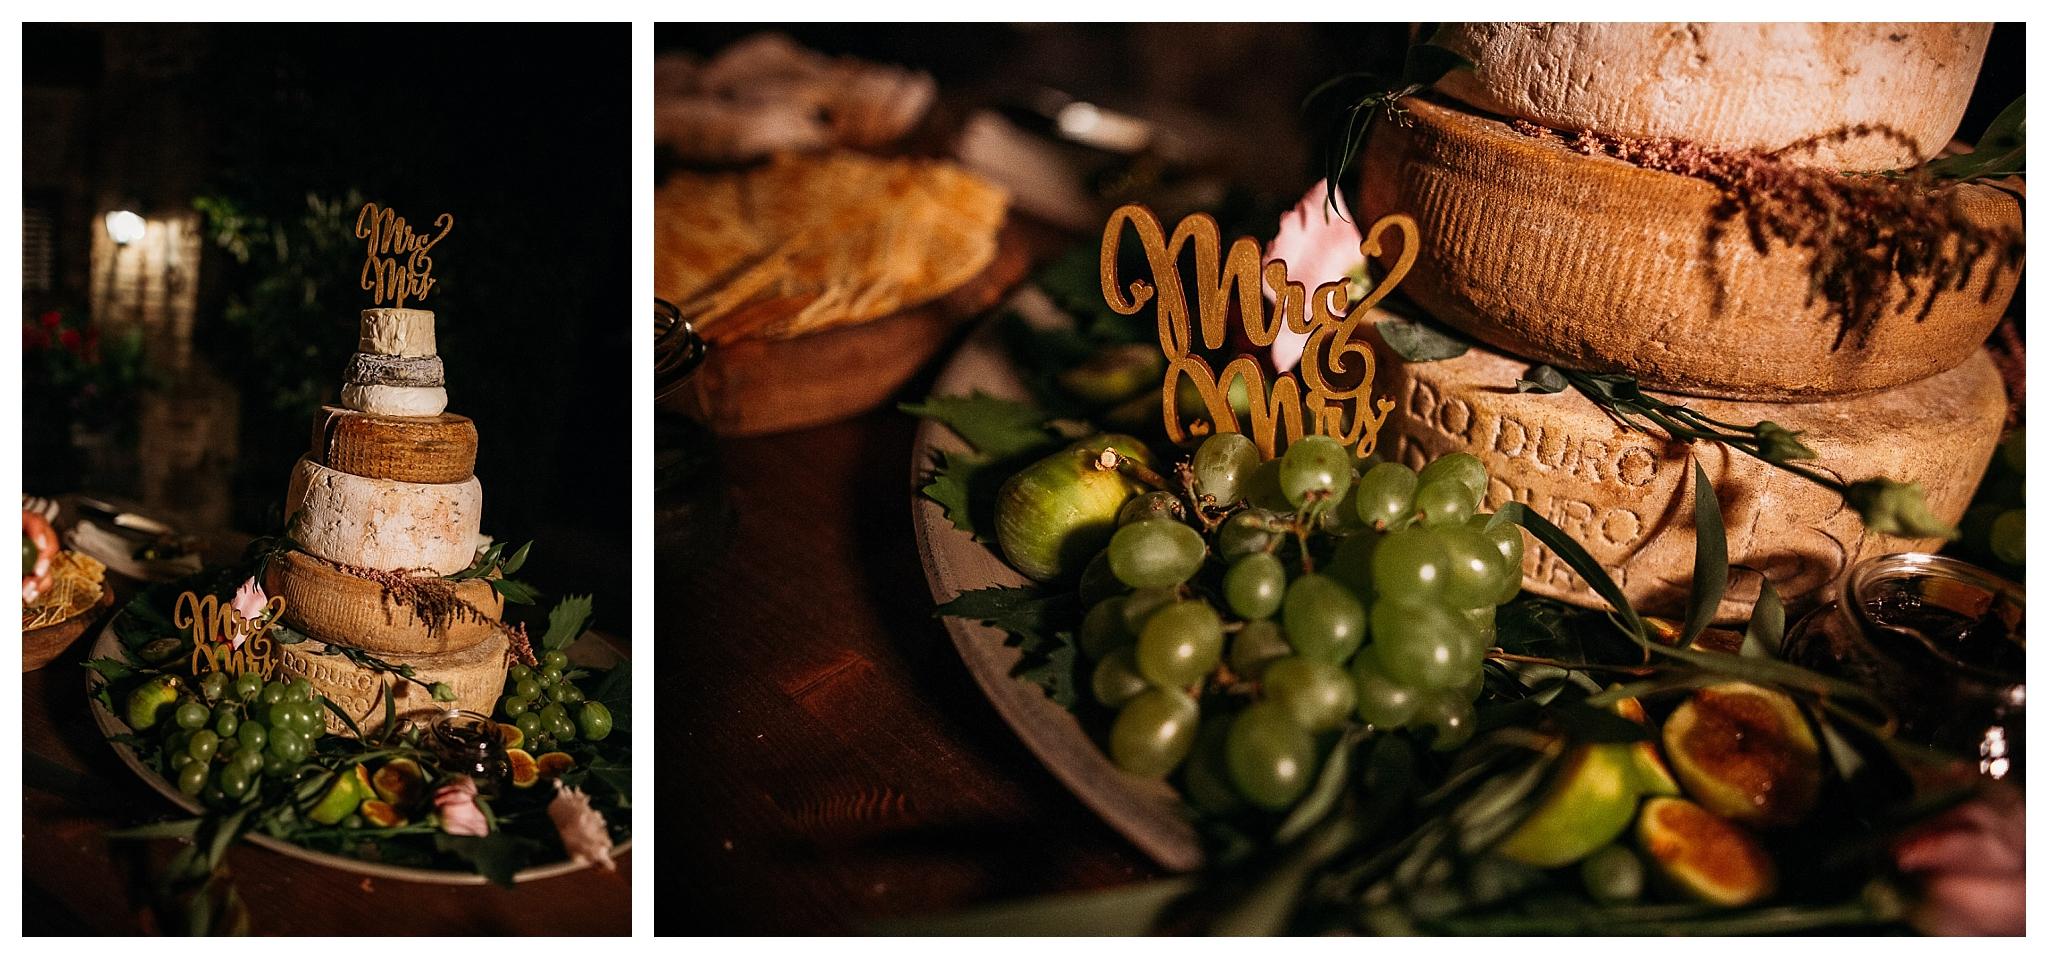 Cheese wedding cake in Monferrato at La Villa Hotel, Mombaruzzo